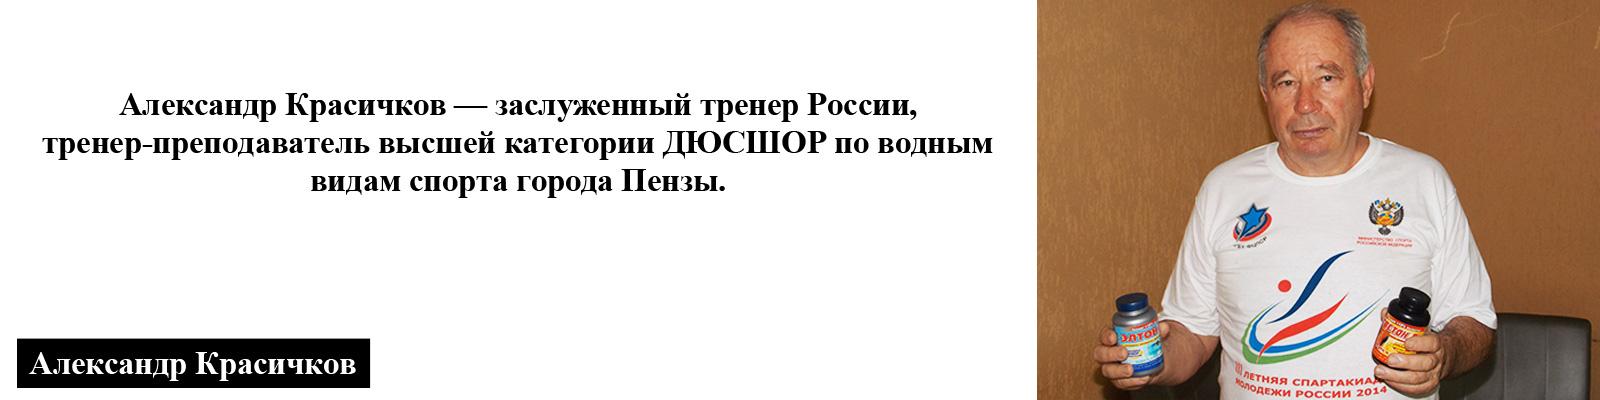 Александр Красичков - заслуженный тренер России